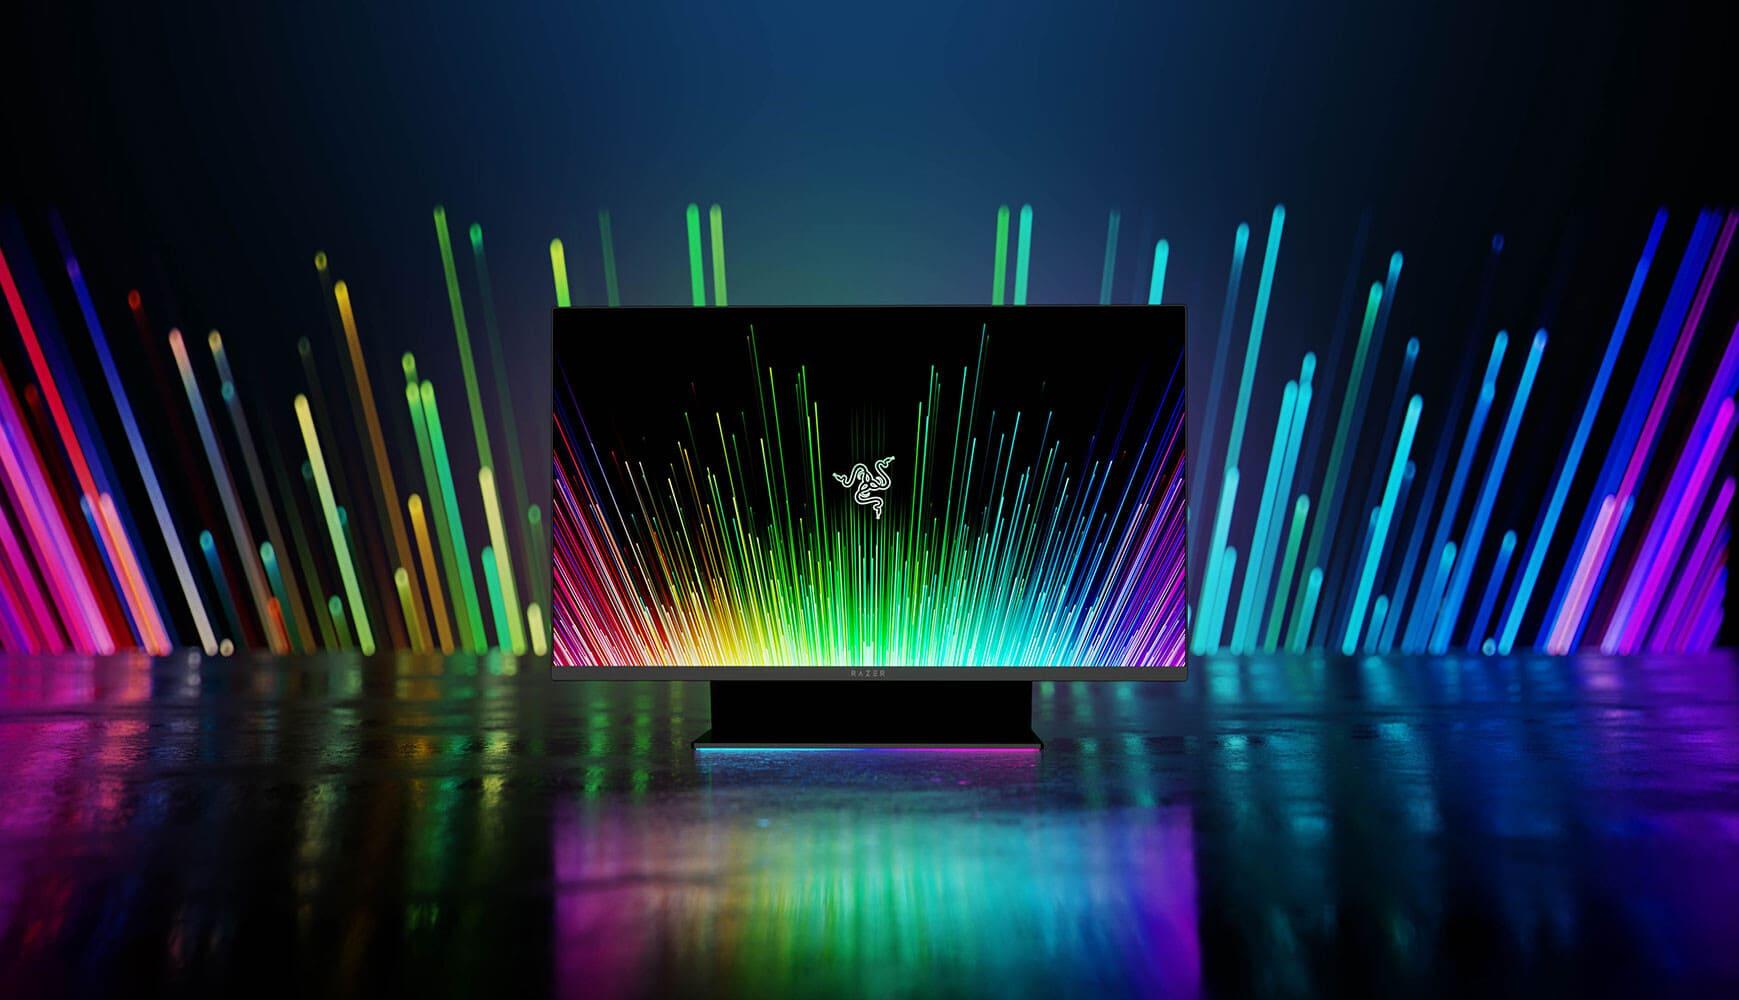 [Giới thiệu] Razer ra mắt màn hình gaming Raptor 27